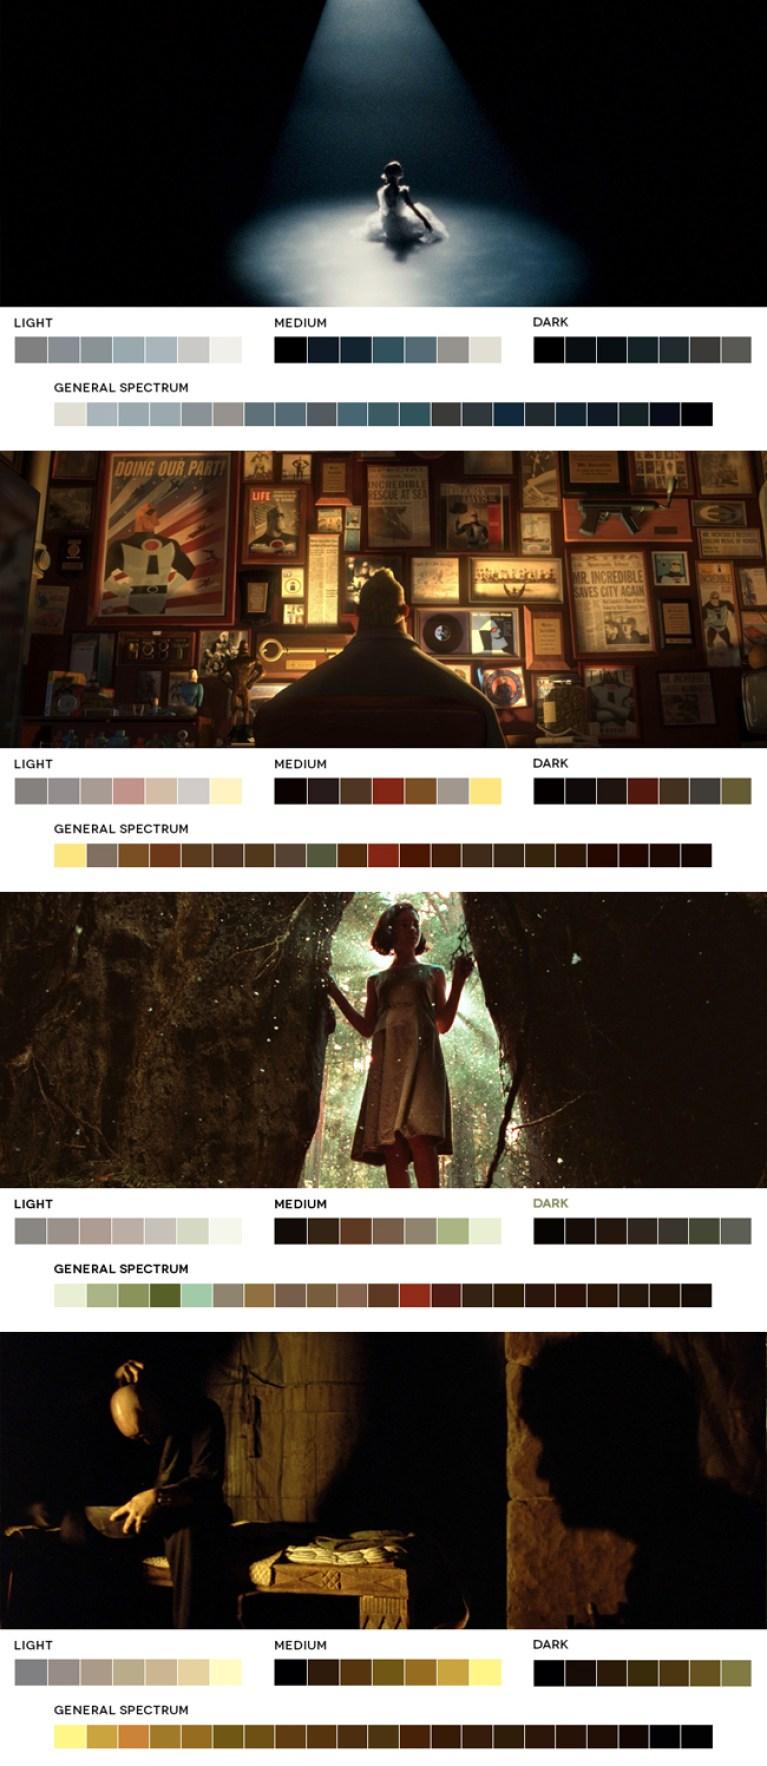 curtos-cartas-color-arte-digital-photoshop